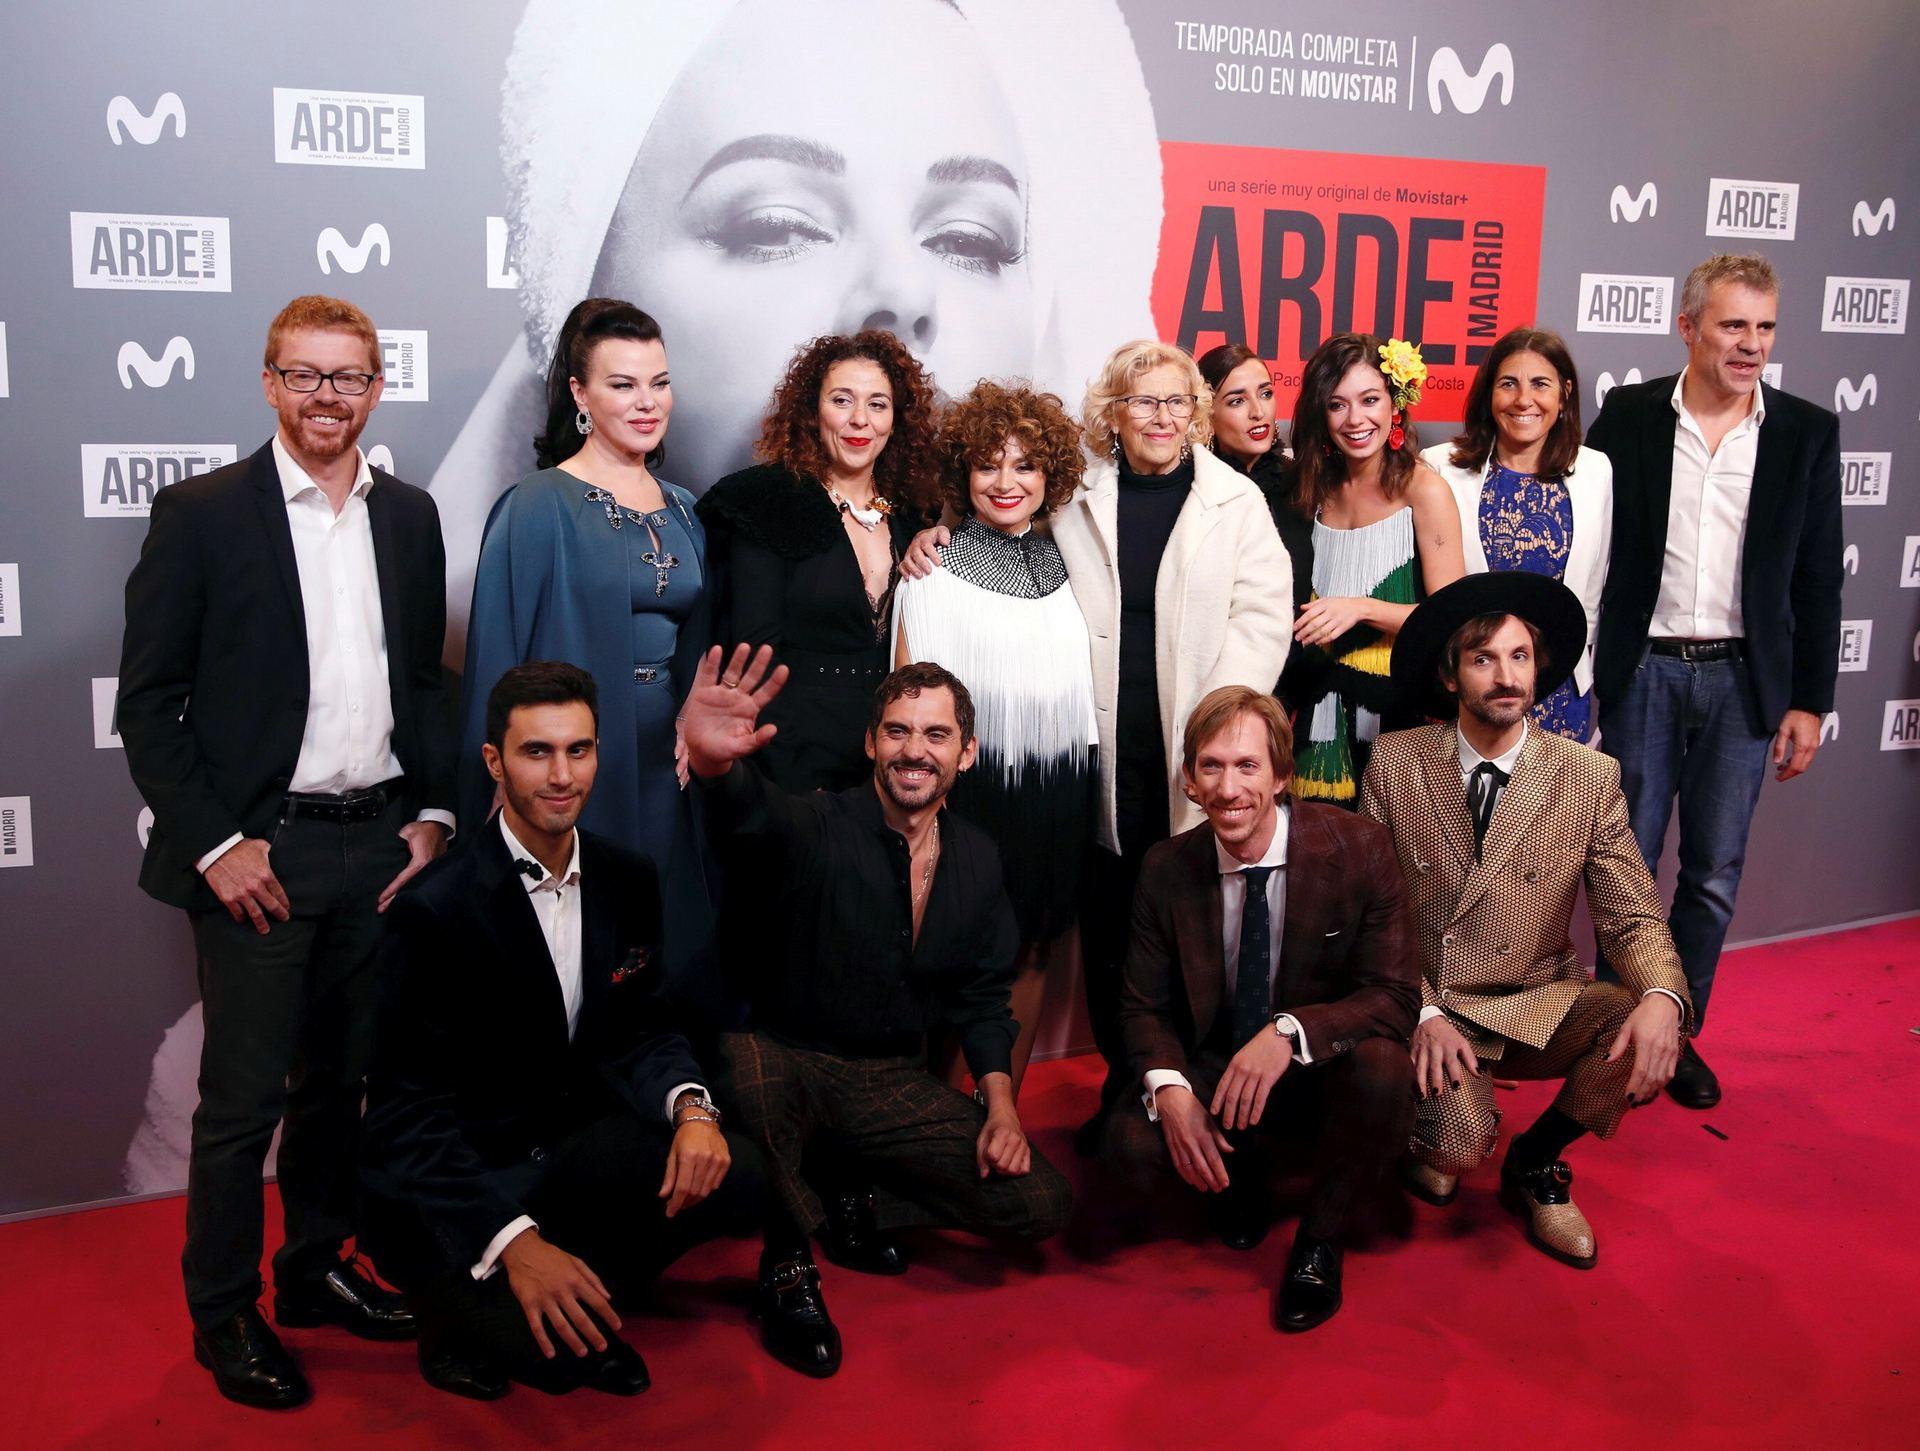 El equipo de 'Arde Madrid' con Paco León (abajo, 2i) y Anna R. Costa (arriba, 4i) posa con Manuela Carmena.